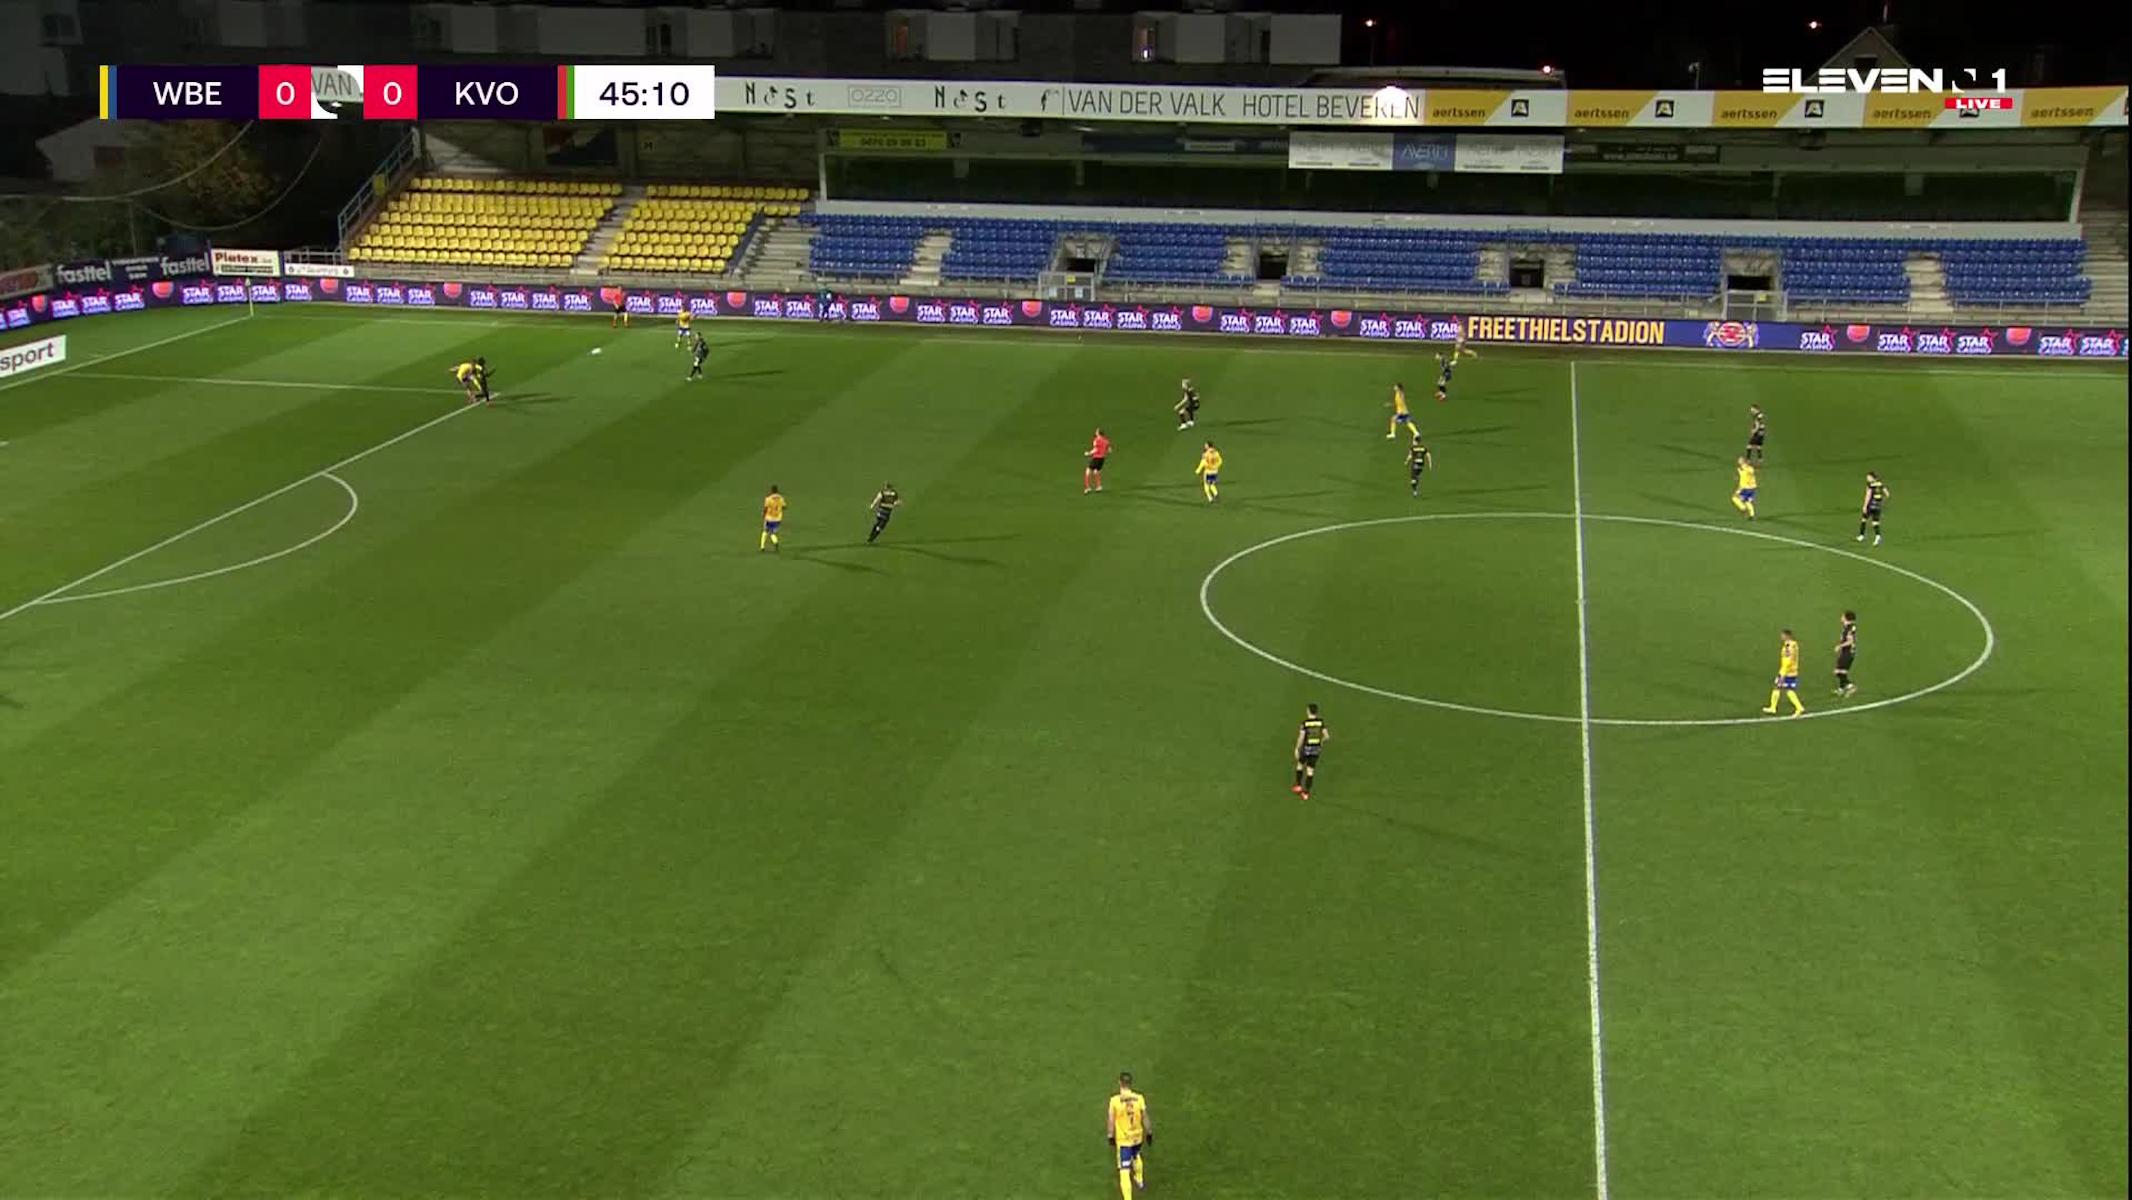 Doelpunt Alessandro Albanese (Waasland-Beveren vs. KV Oostende)